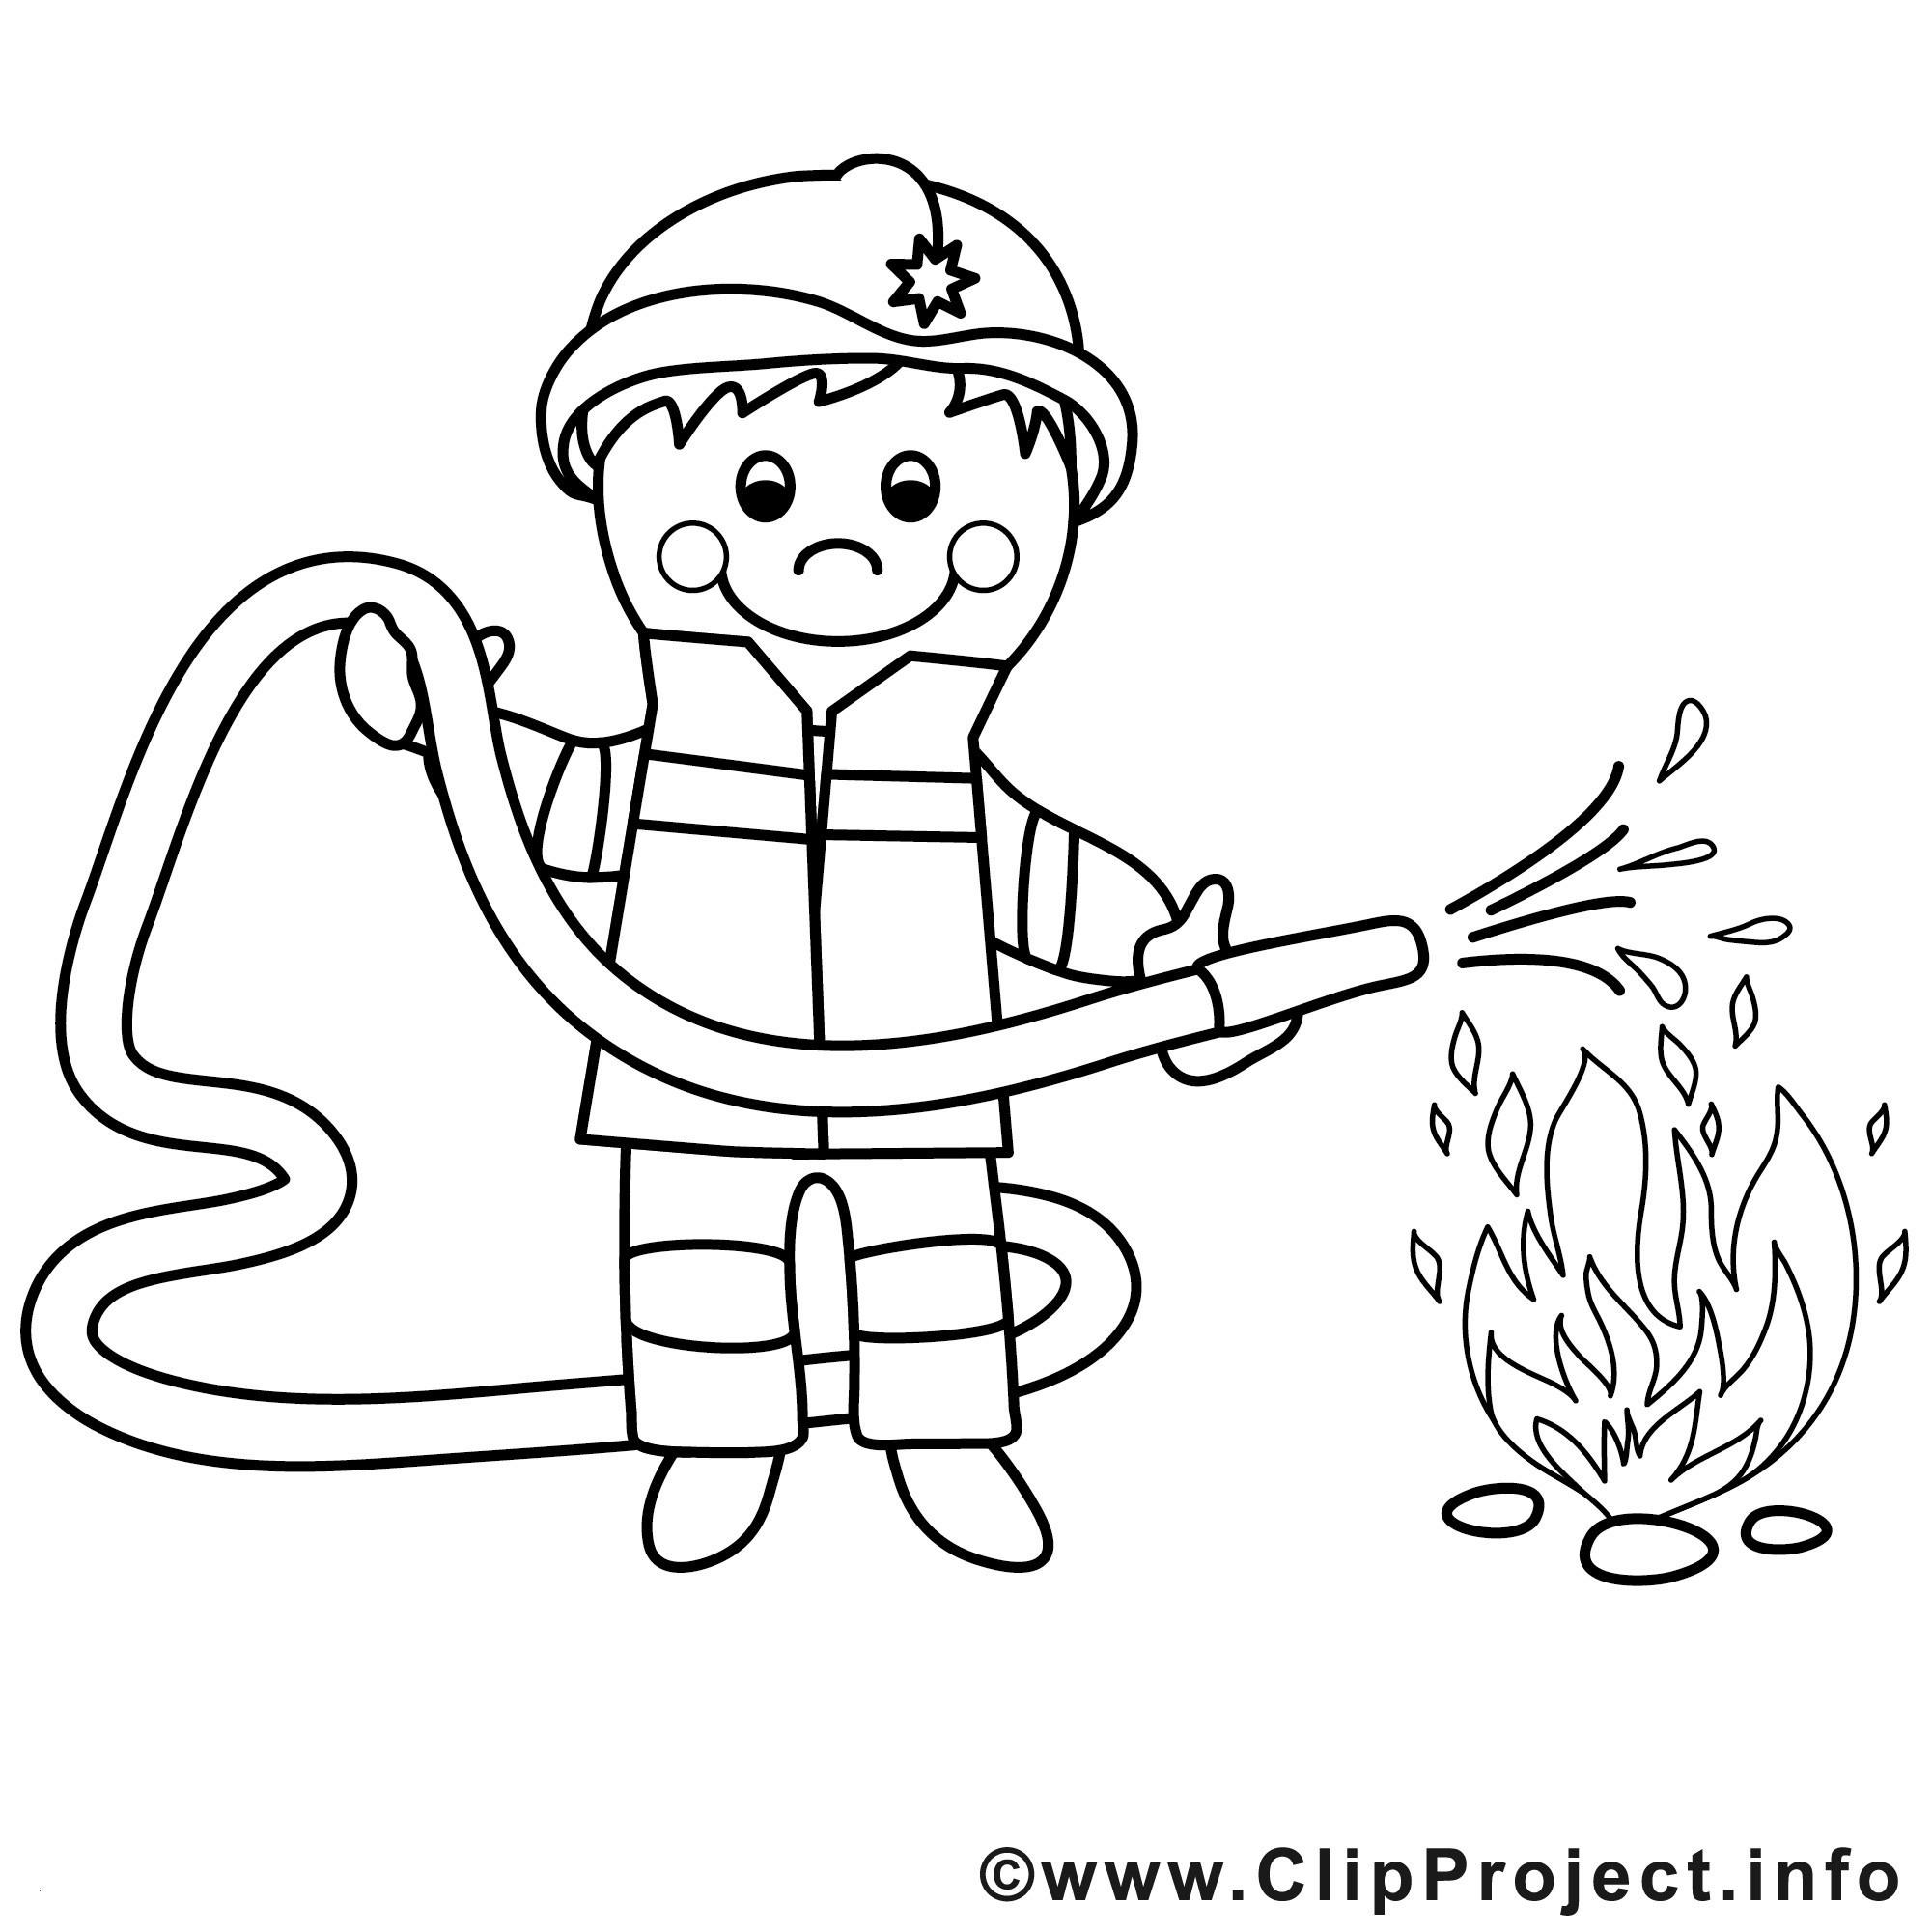 Feuerwehrmann Sam Ausmalbild Das Beste Von Bayern Ausmalbilder Frisch Igel Grundschule 0d Archives Inspirierend Bilder